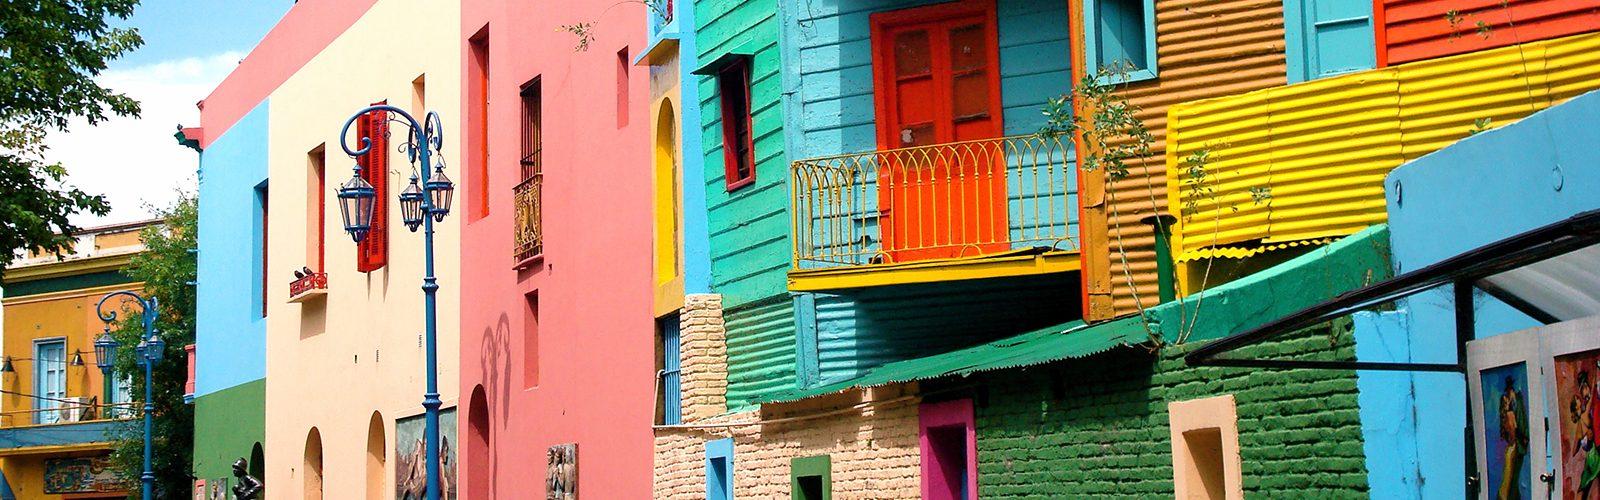 La-Boca-Barrio-Buenos-Aires-Argentina